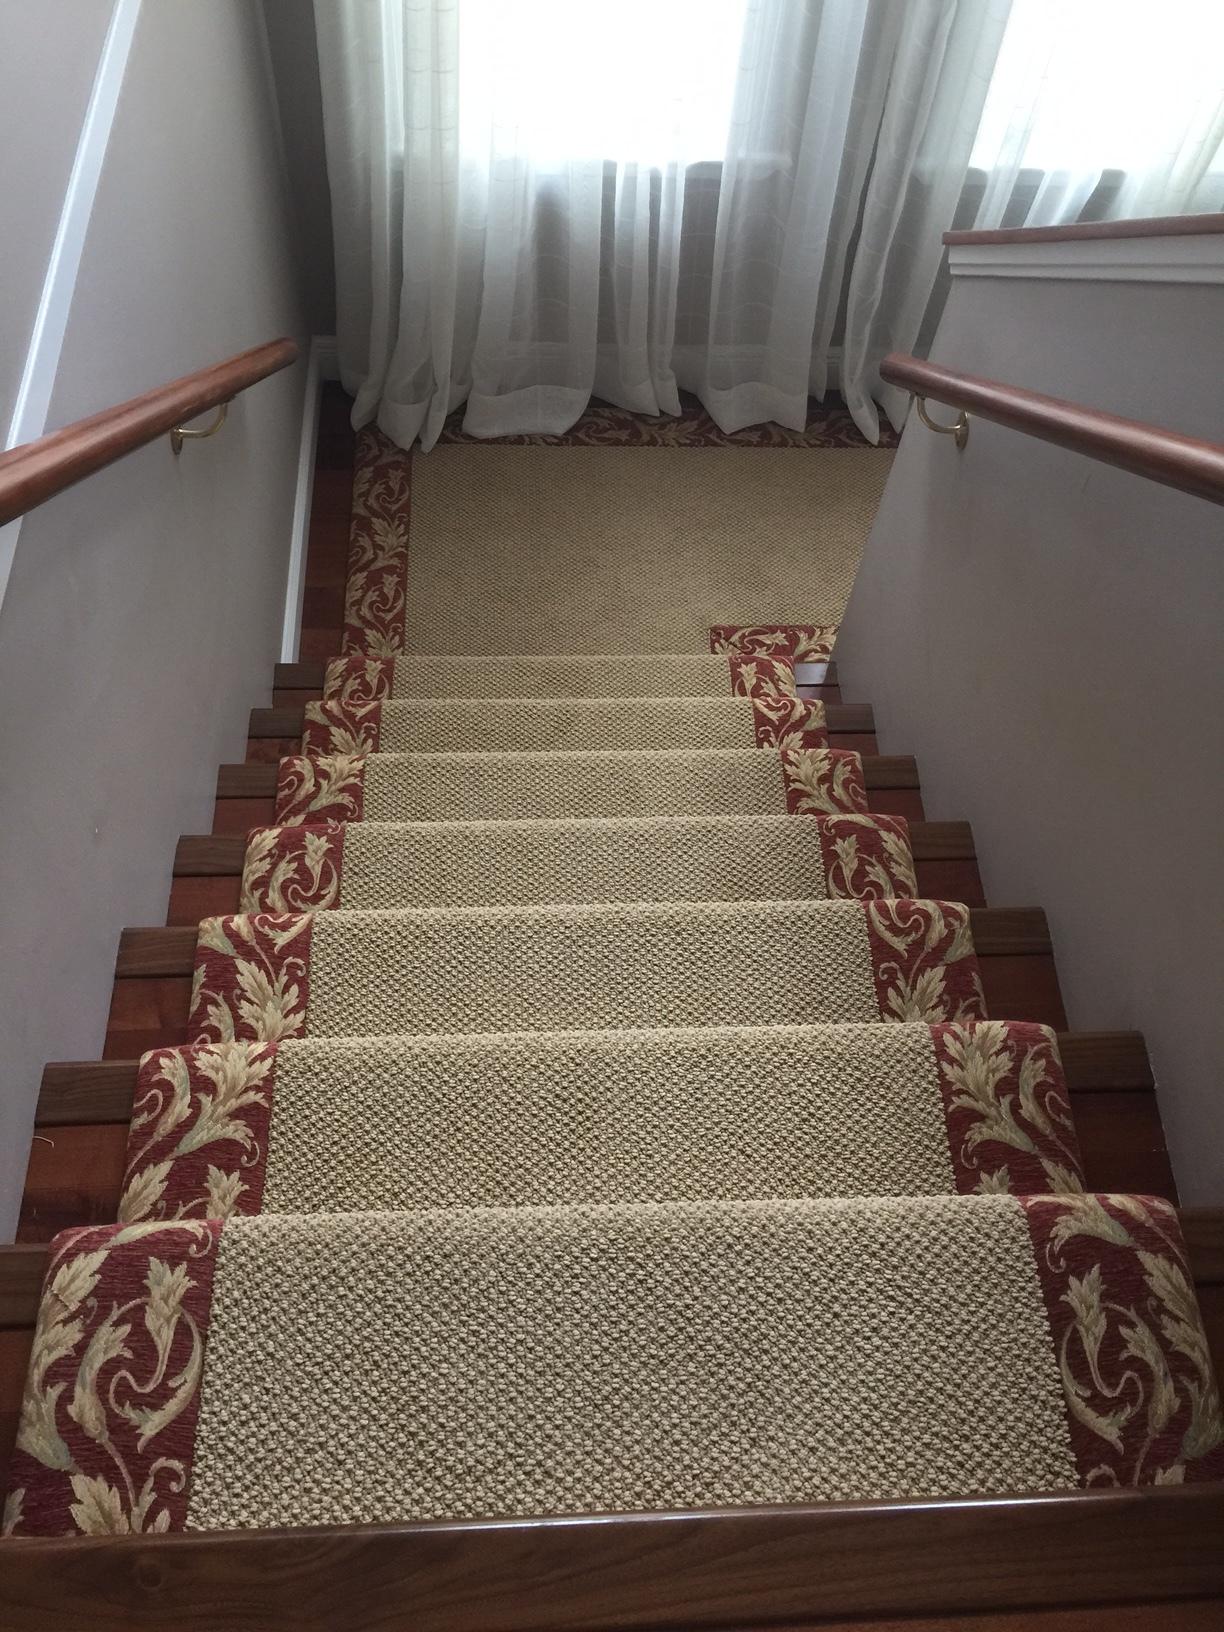 Tapestry stairs 2.JPG